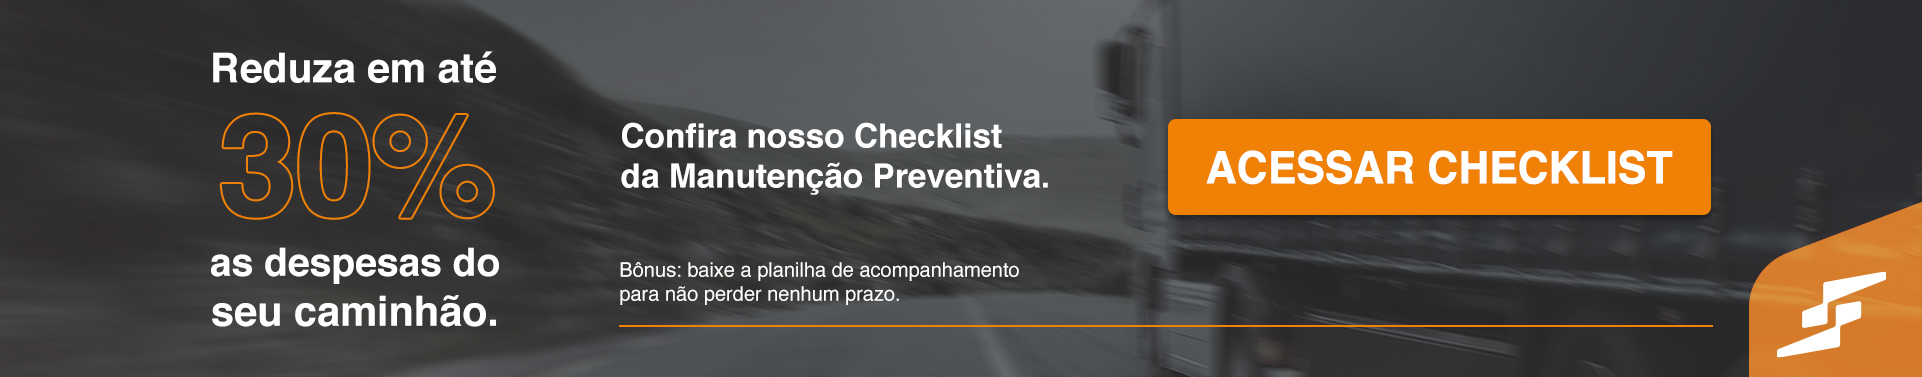 Checklist da Manutenção Preventiva